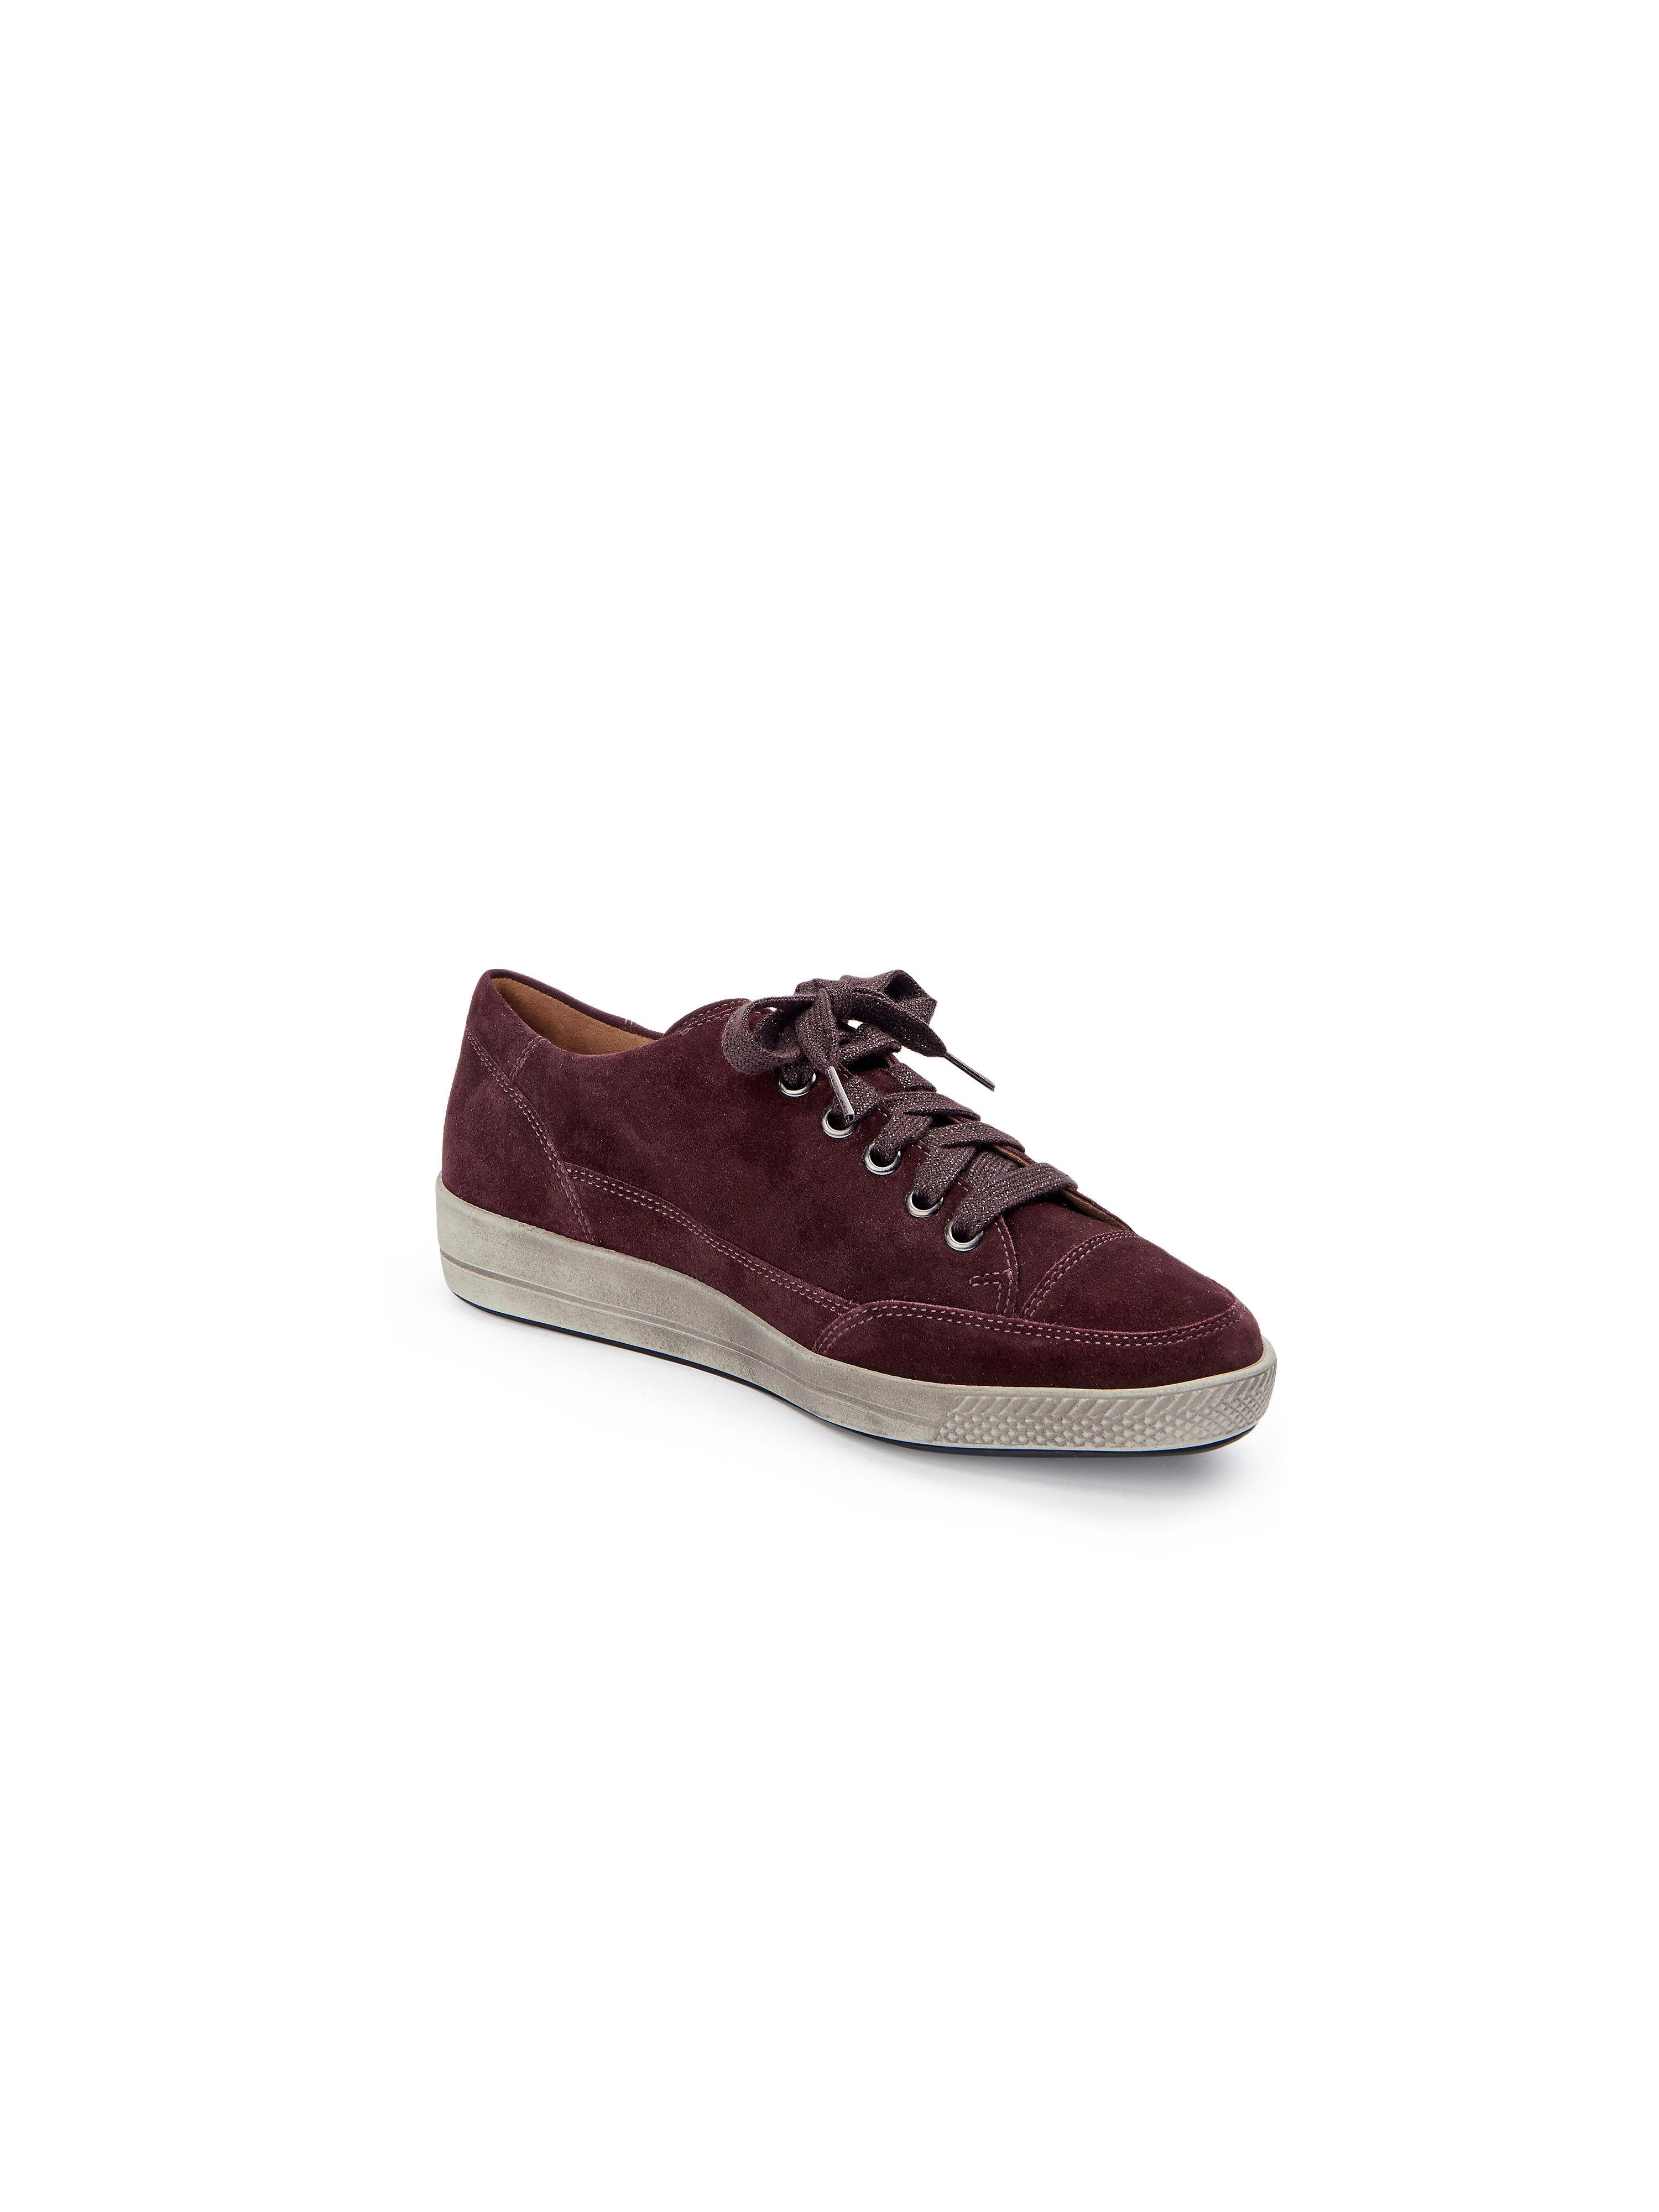 Ganter - Sneaker - Weinrot Gute Qualität beliebte Schuhe